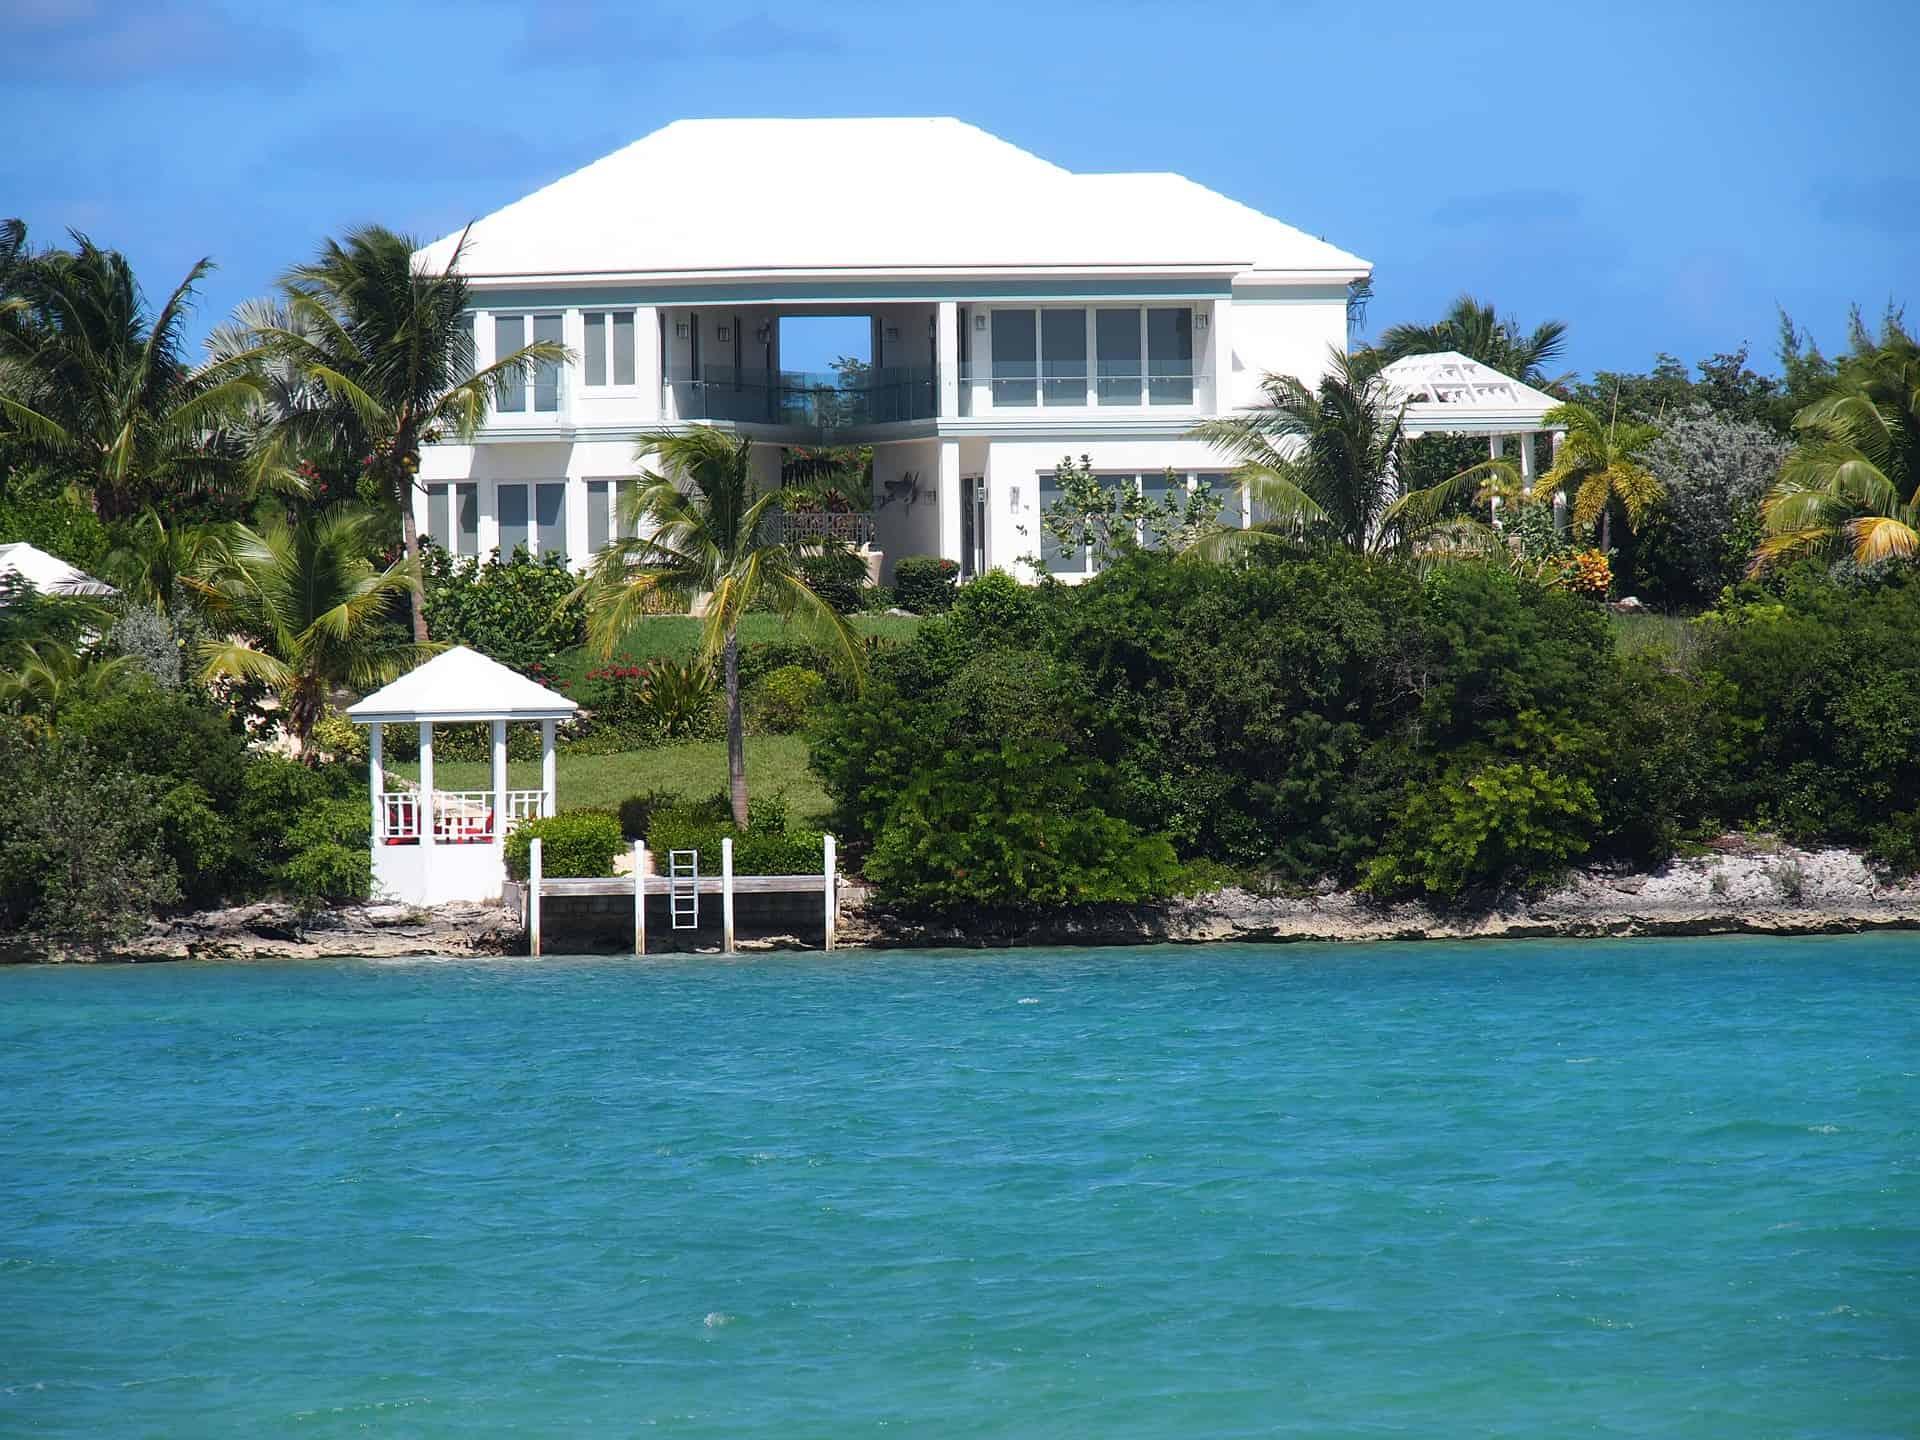 The Wyndham 'Cottage'